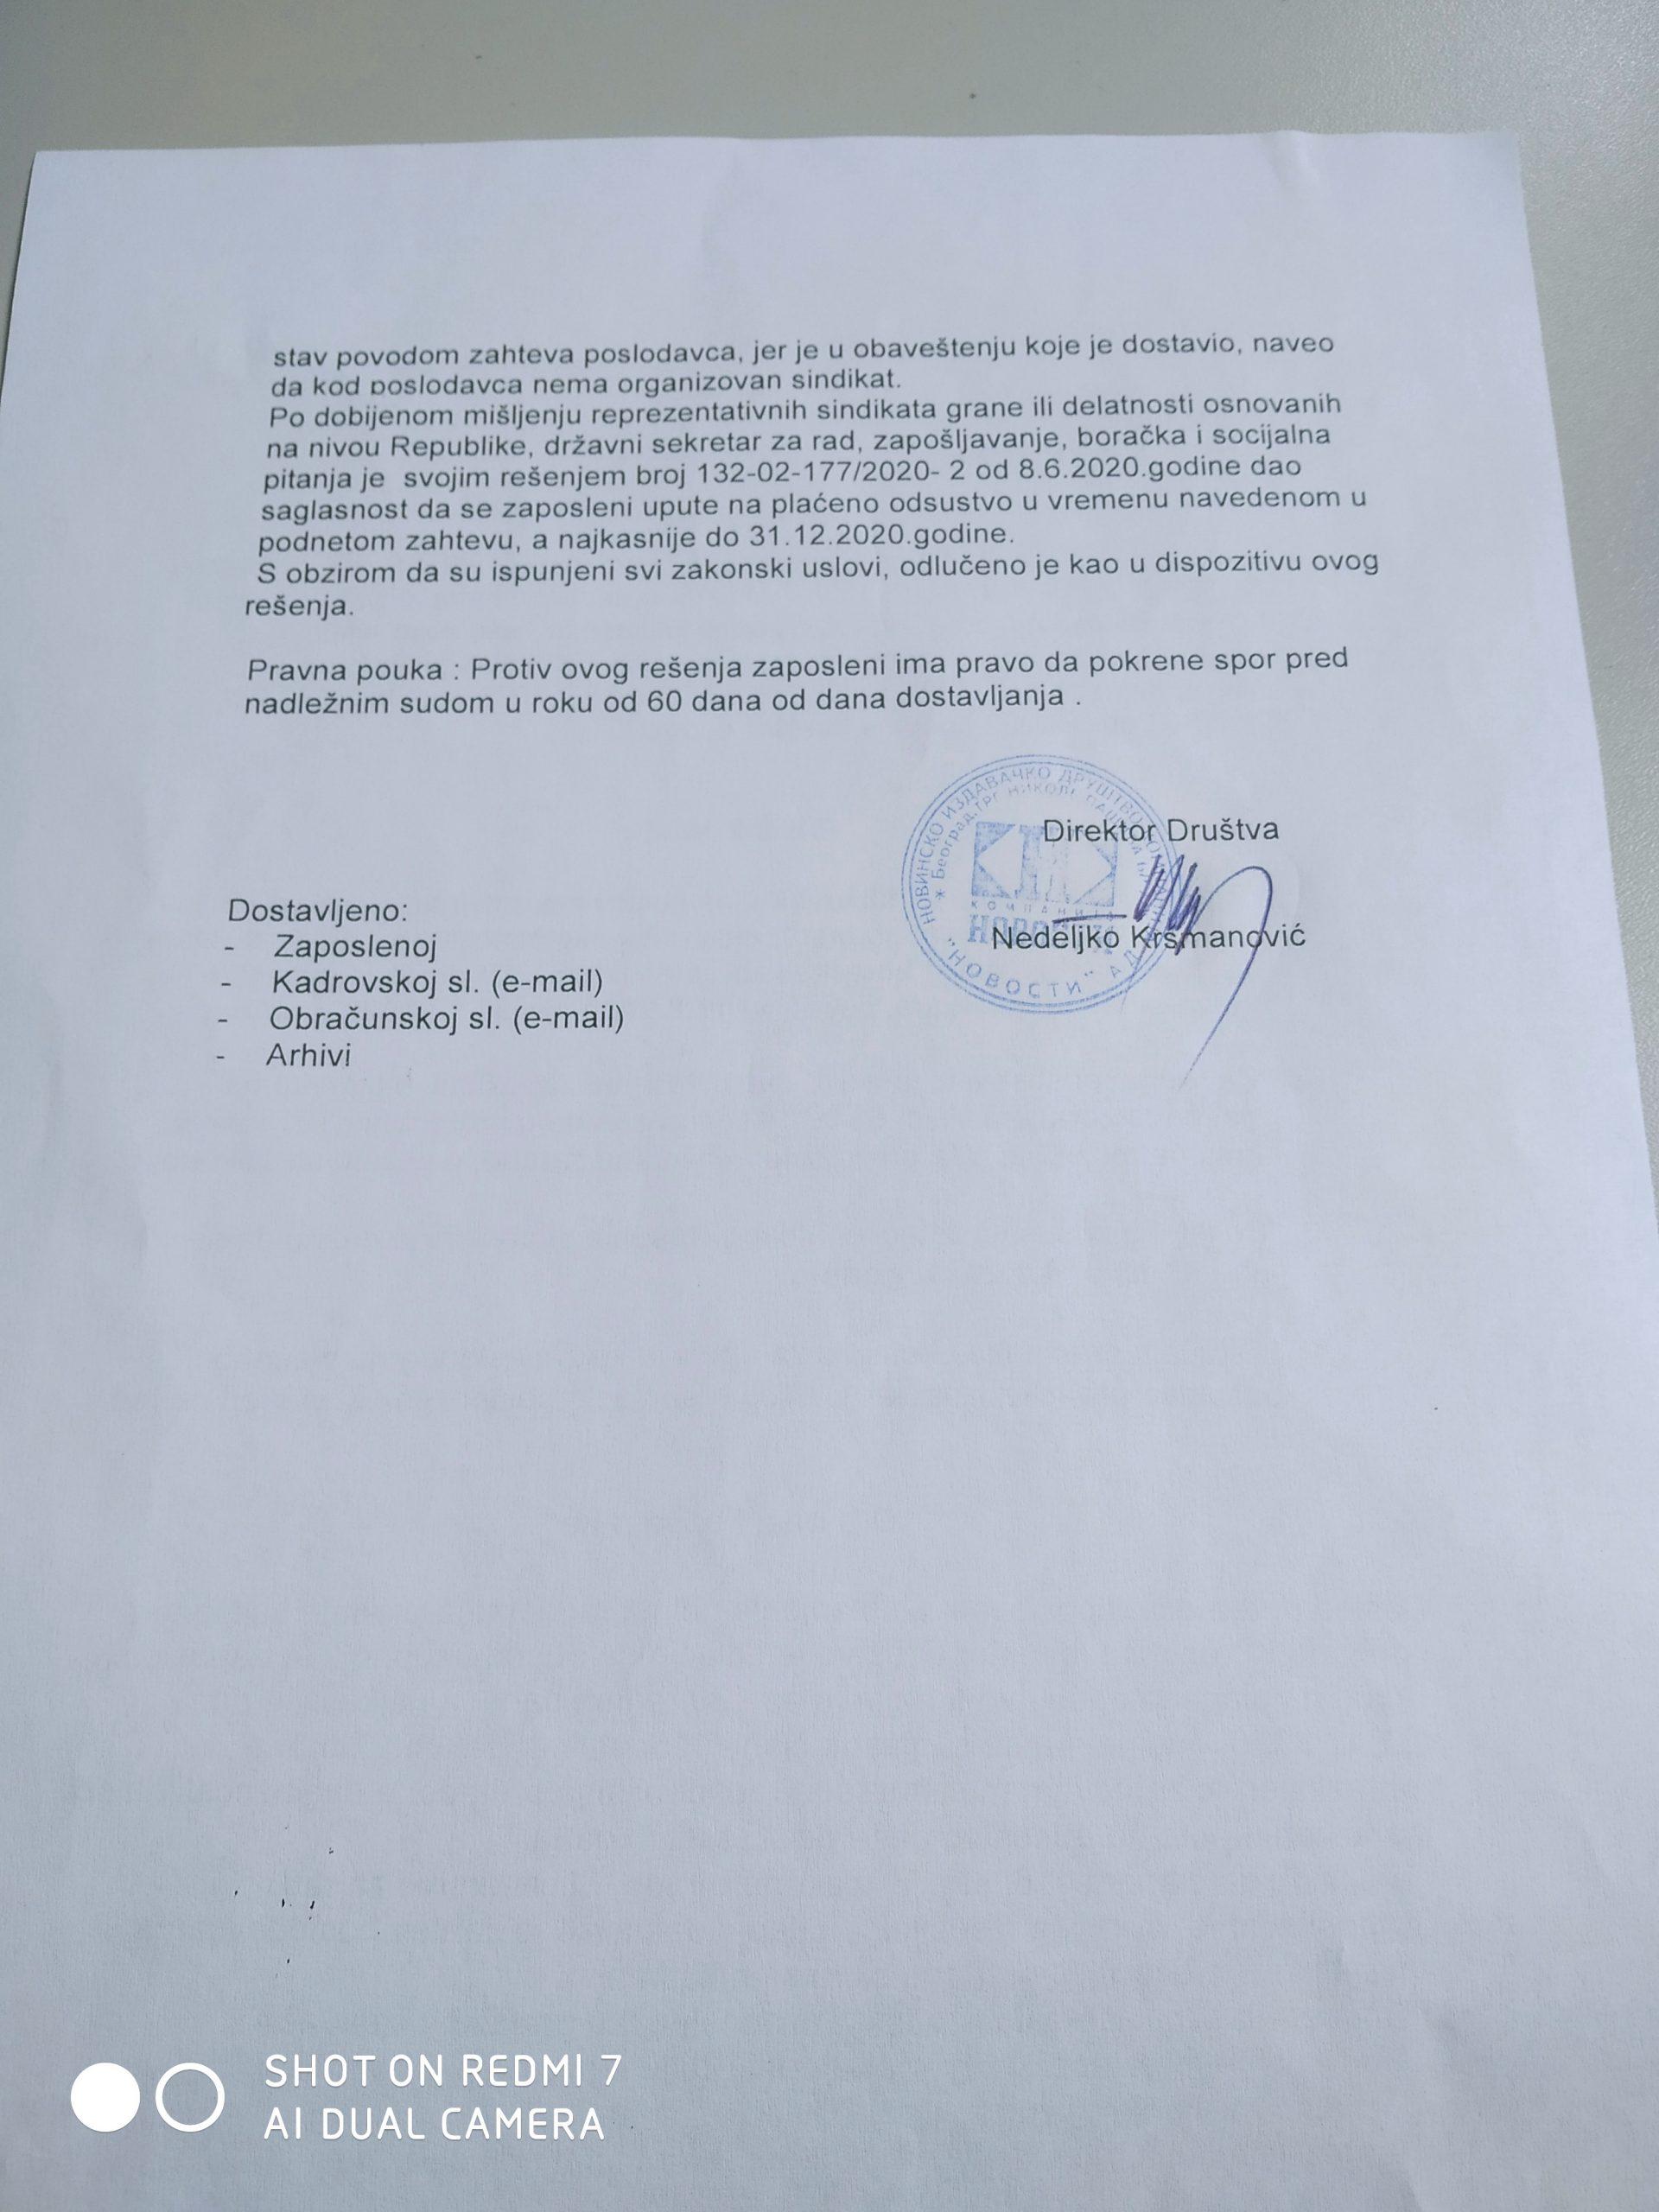 Novinarka Novosti: Vučelić nije u pravu kad tvrdi da se novinari ne šalju na prinudni odmor 3